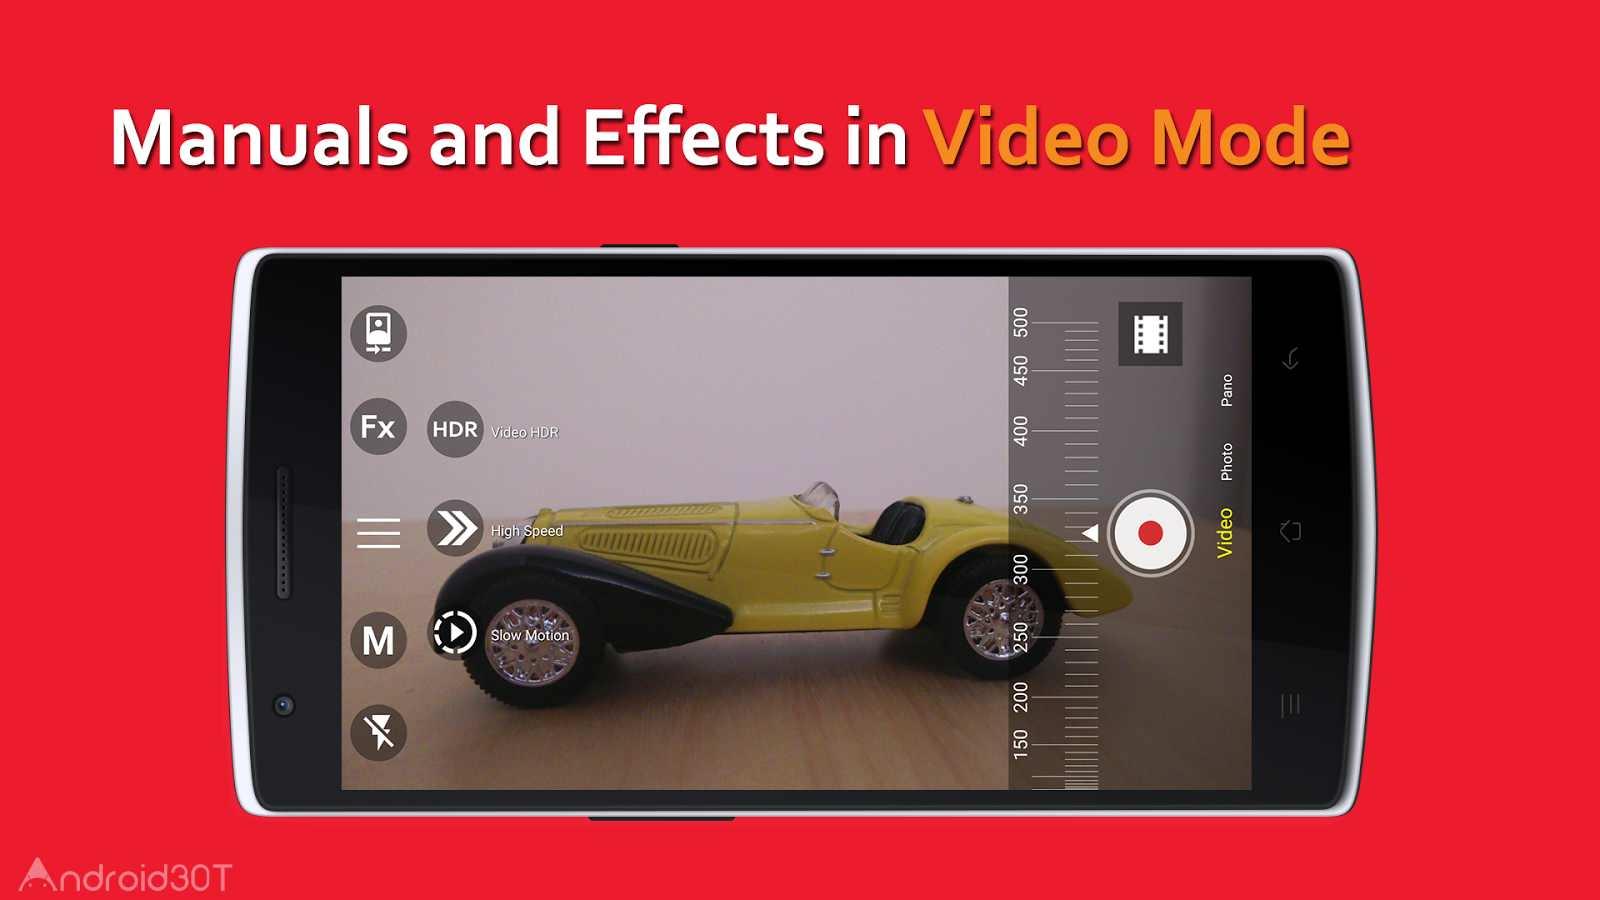 دانلود Bacon Camera 1.10.7 – دوربین گوشی OnePlus One و LG G3 اندروید